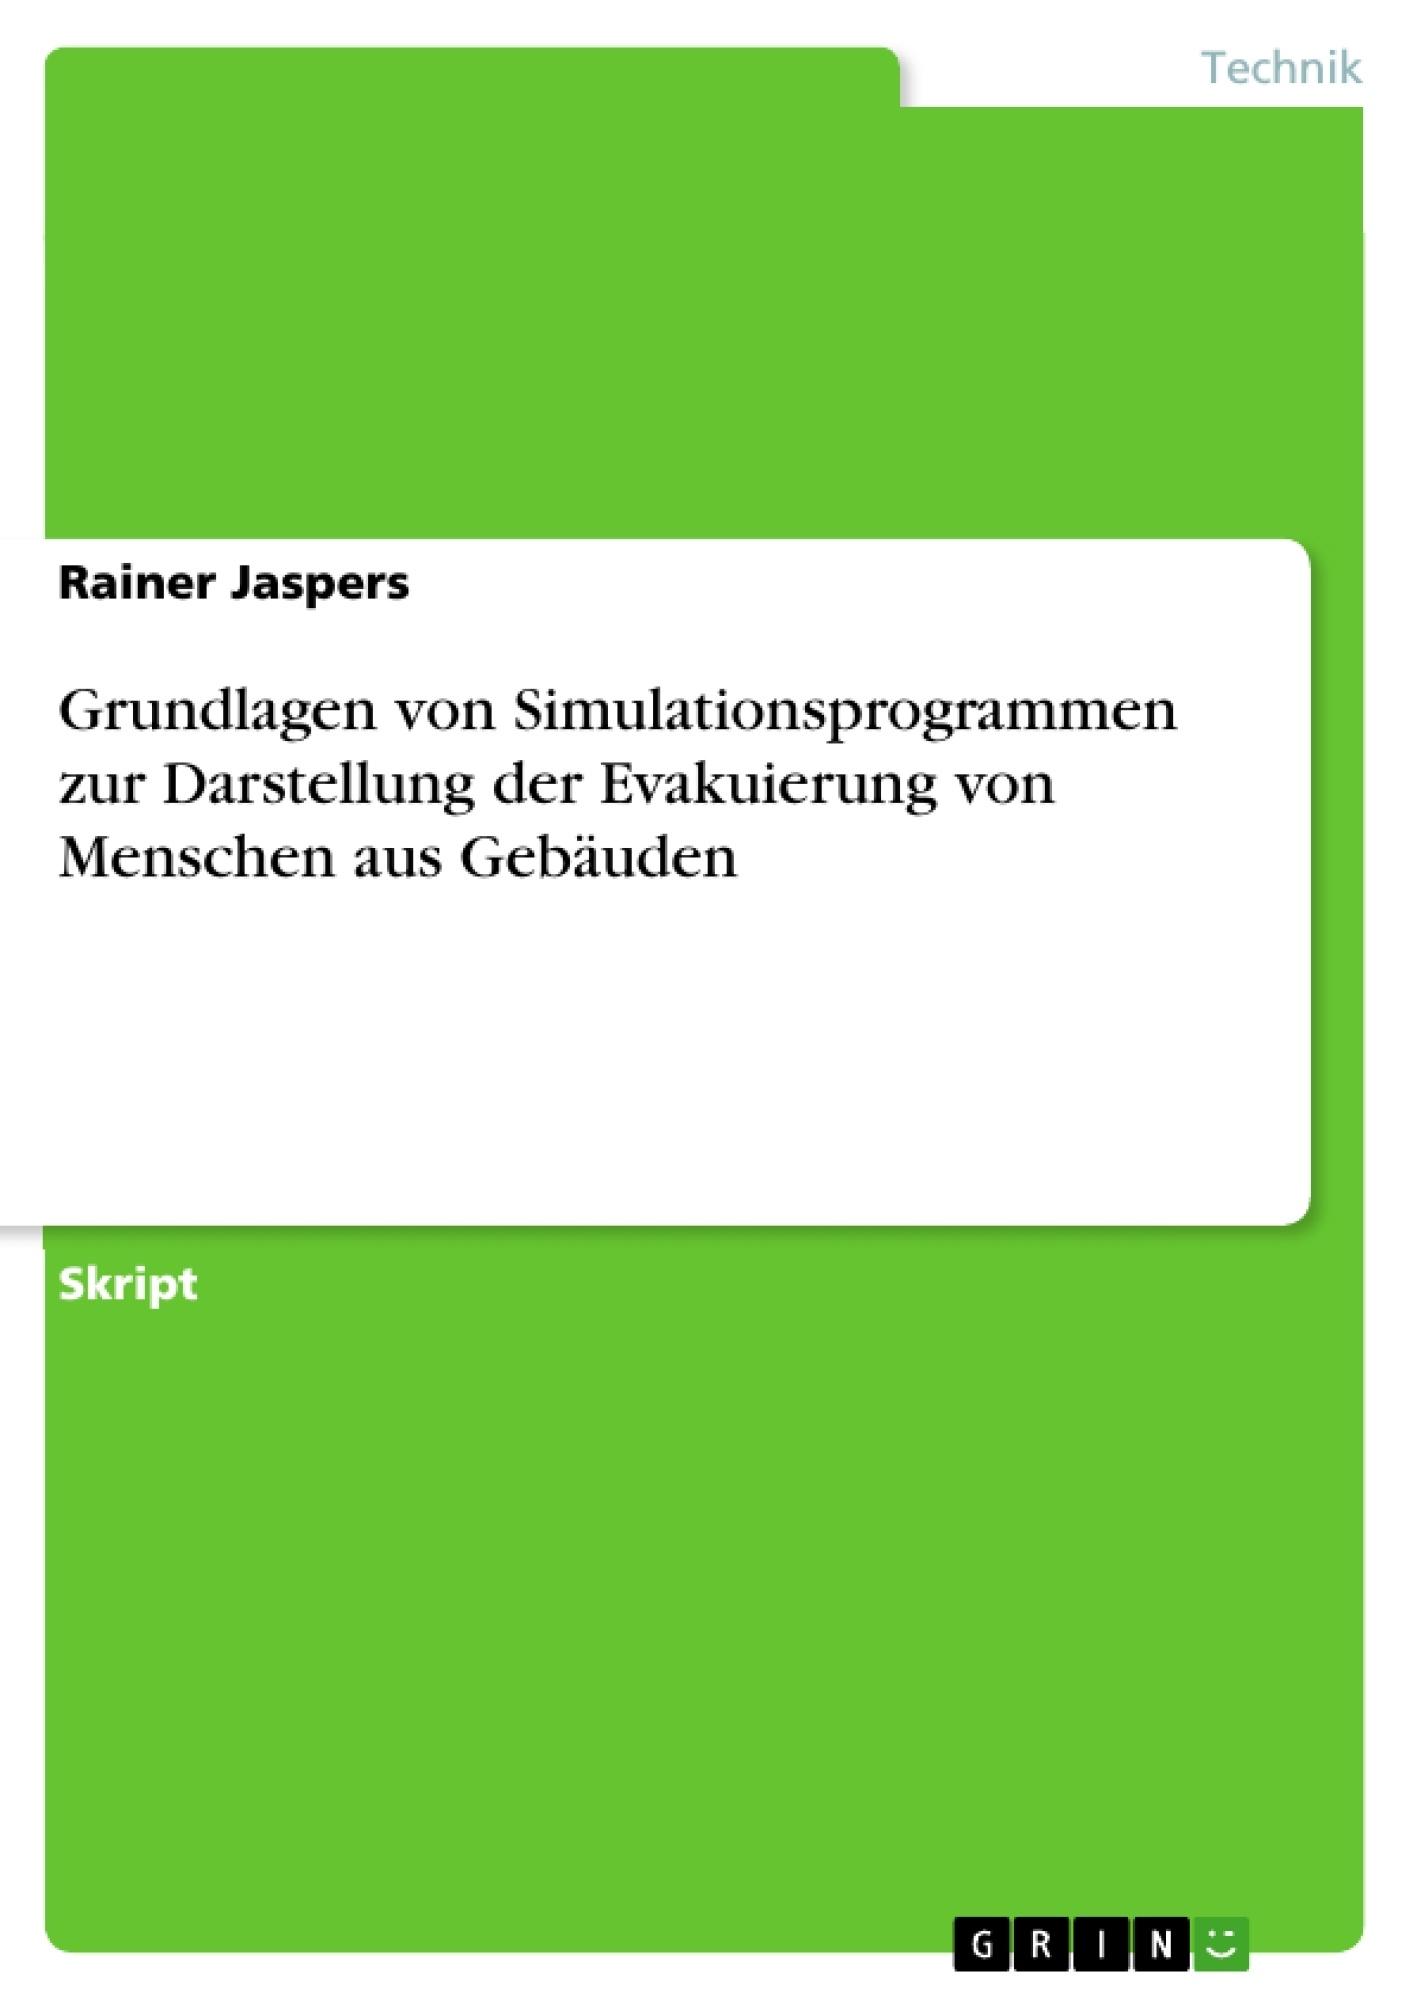 Titel: Grundlagen von Simulationsprogrammen zur Darstellung der Evakuierung von Menschen aus Gebäuden